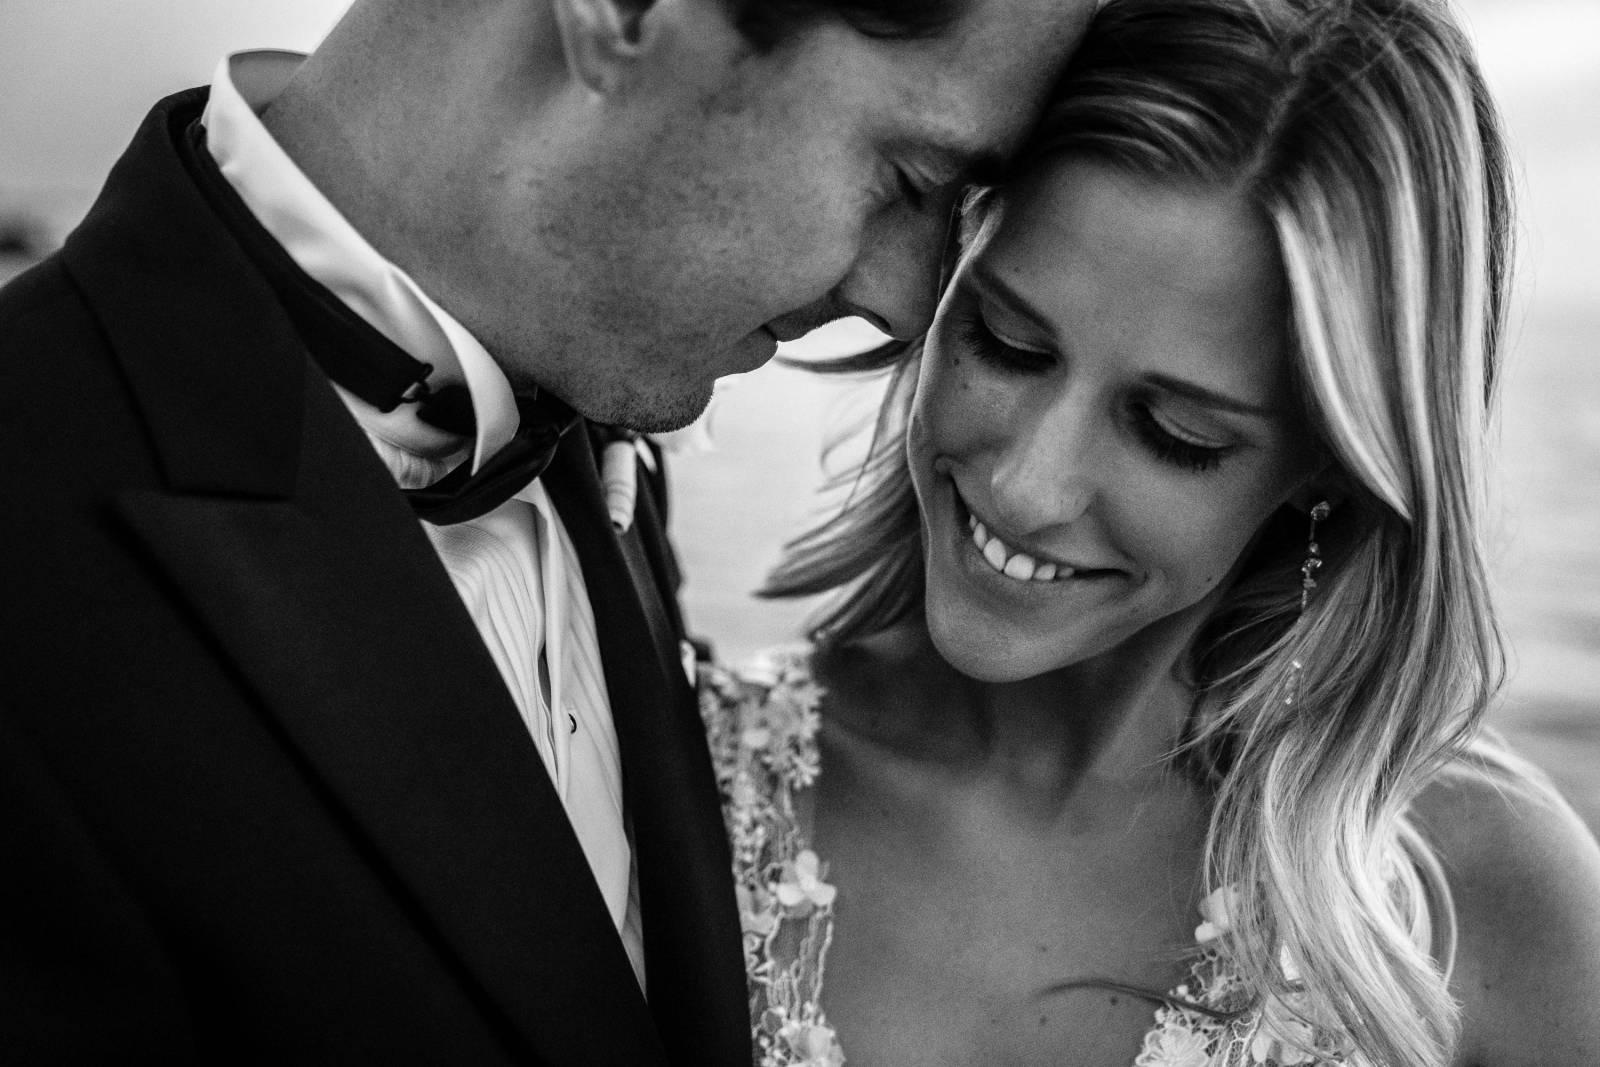 Yves Schepers Photography - Fotograaf - Huwelijksfotograaf - Trouwfotograaf - Bruidsfotograaf - House of Weddings - 2 (1)